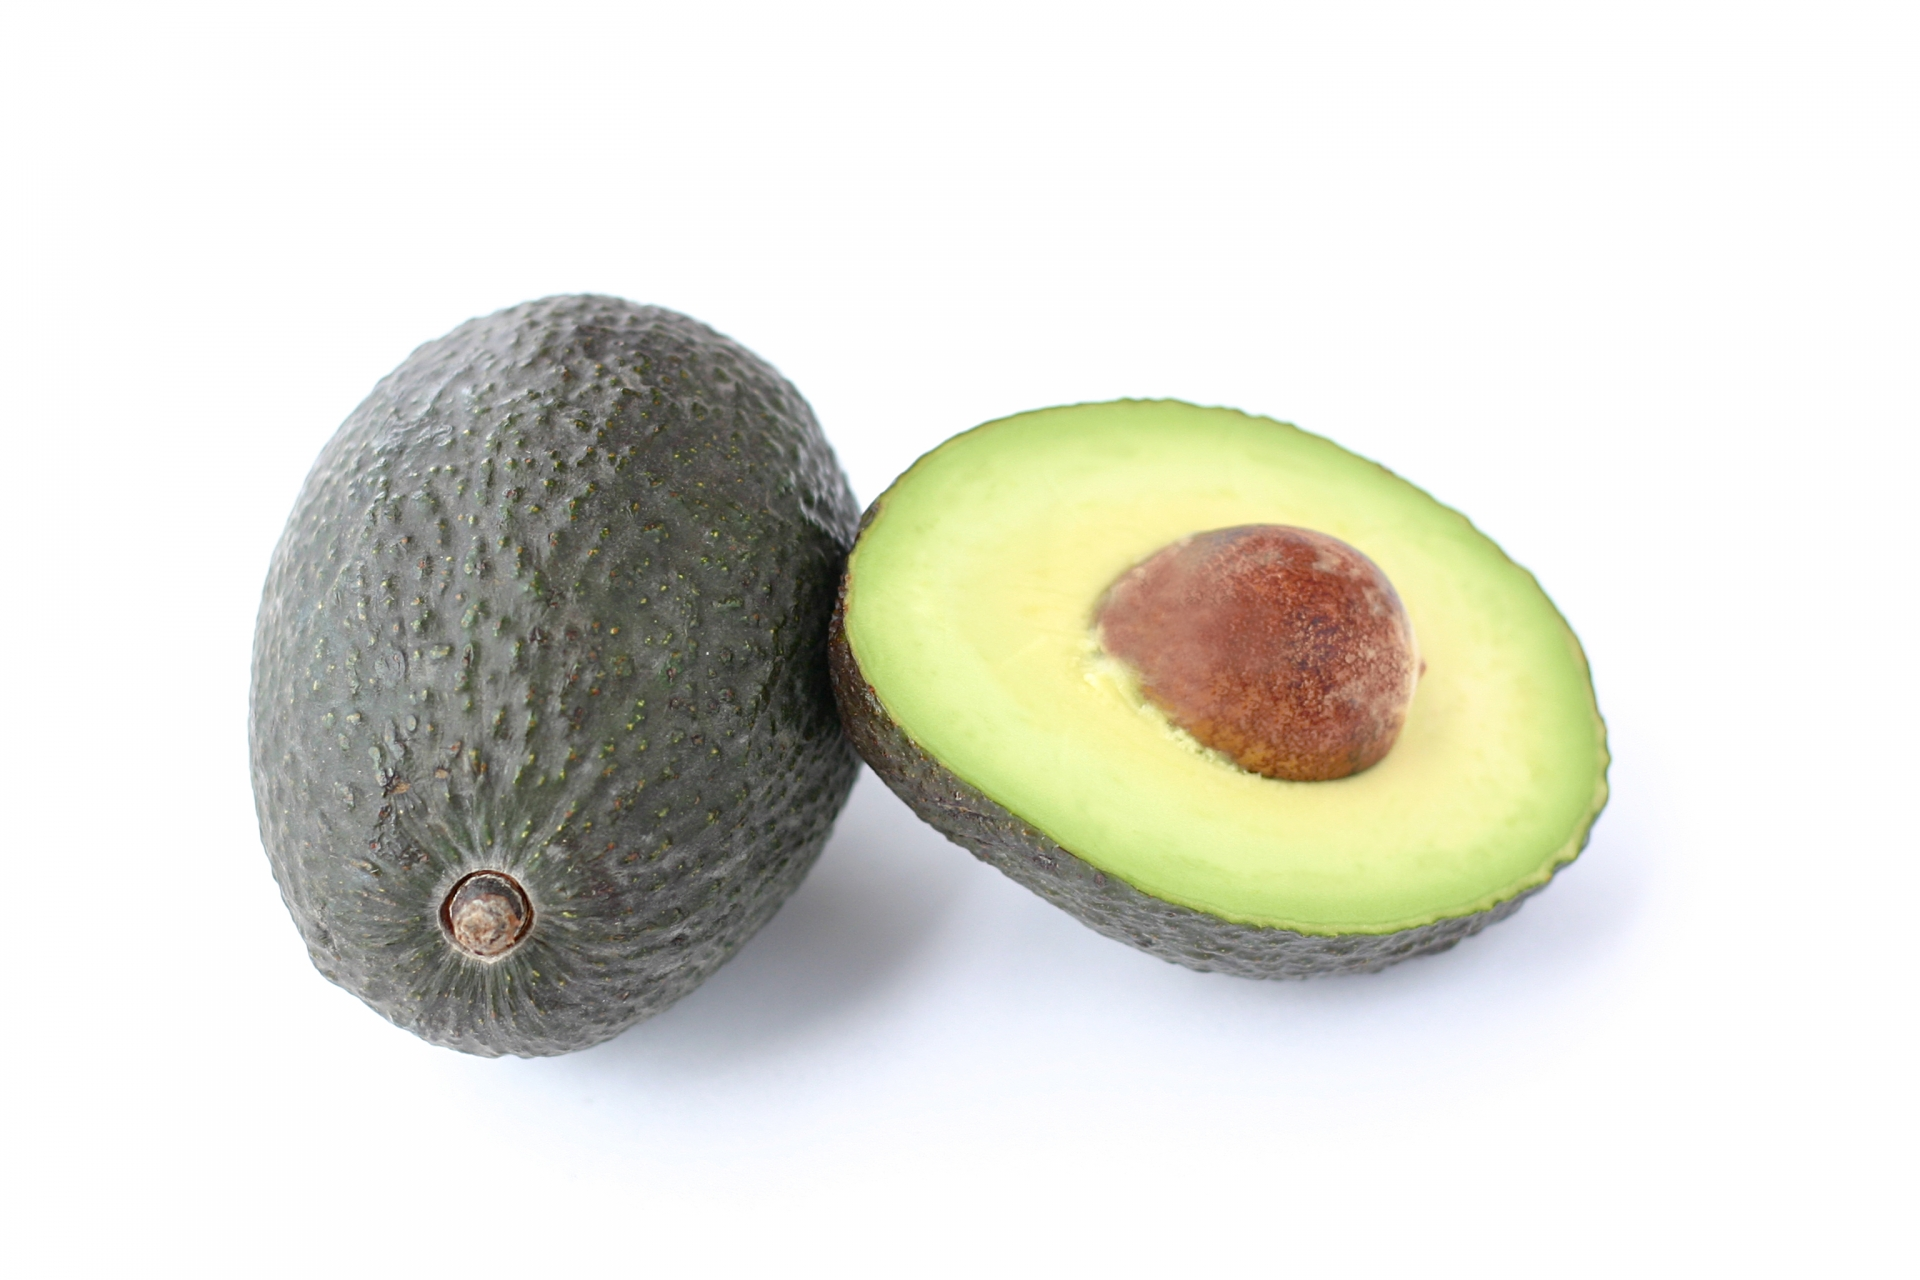 アロエに含まれるアロインの薄毛予防効果とは